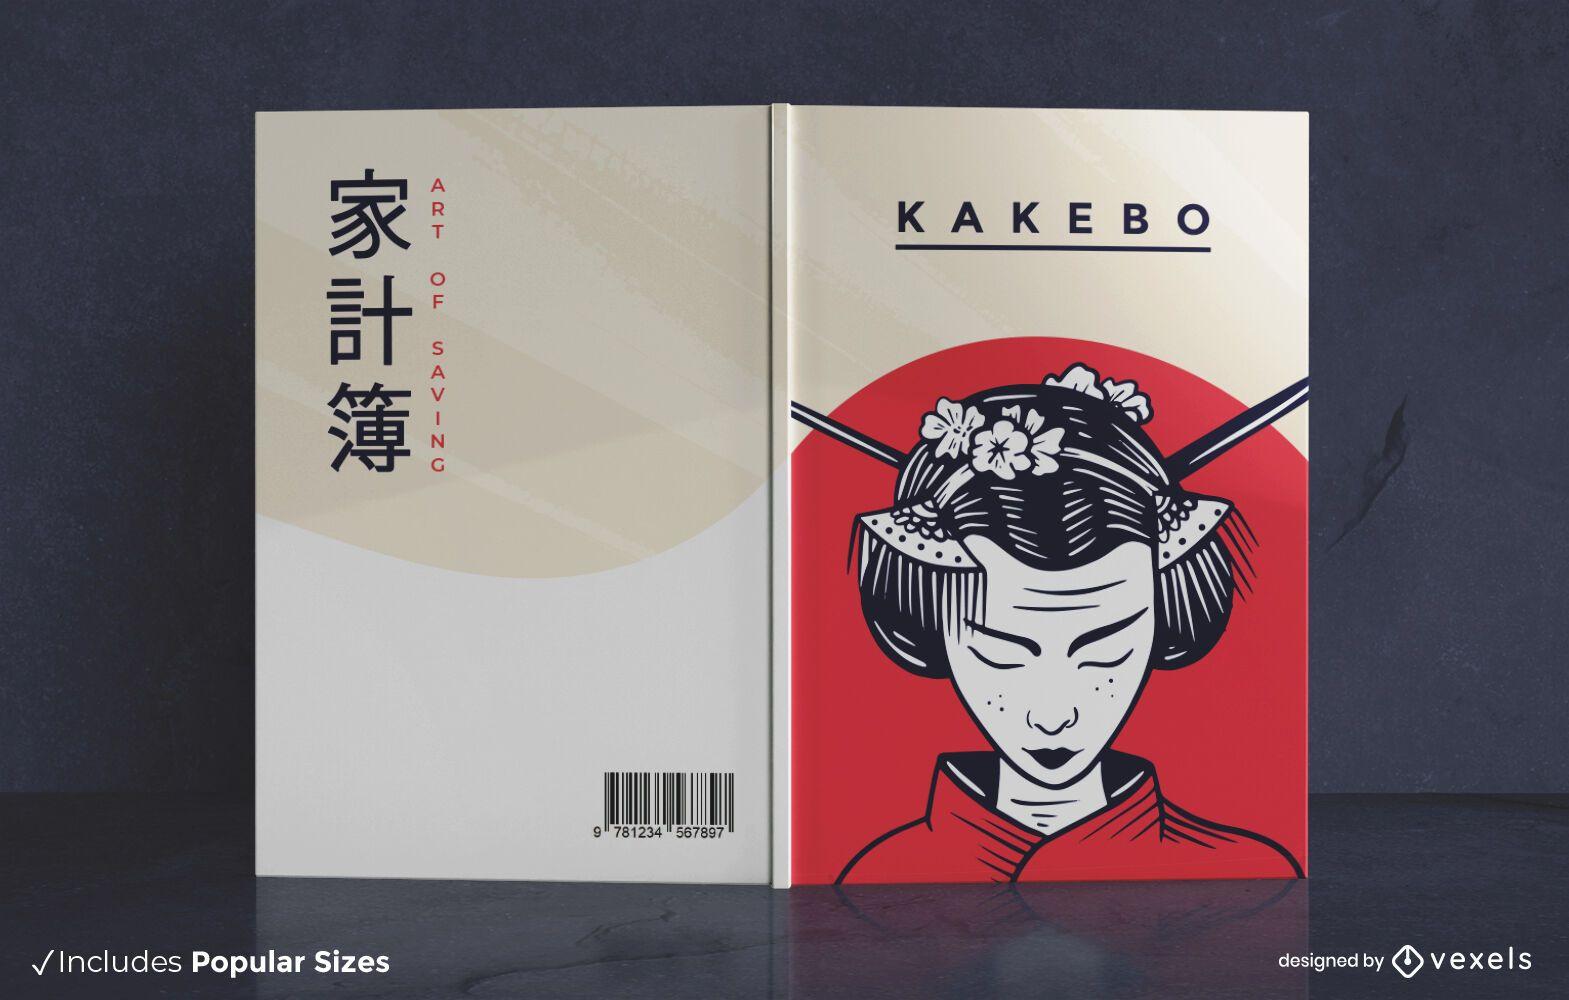 Kakebo japanisches Buchumschlagdesign